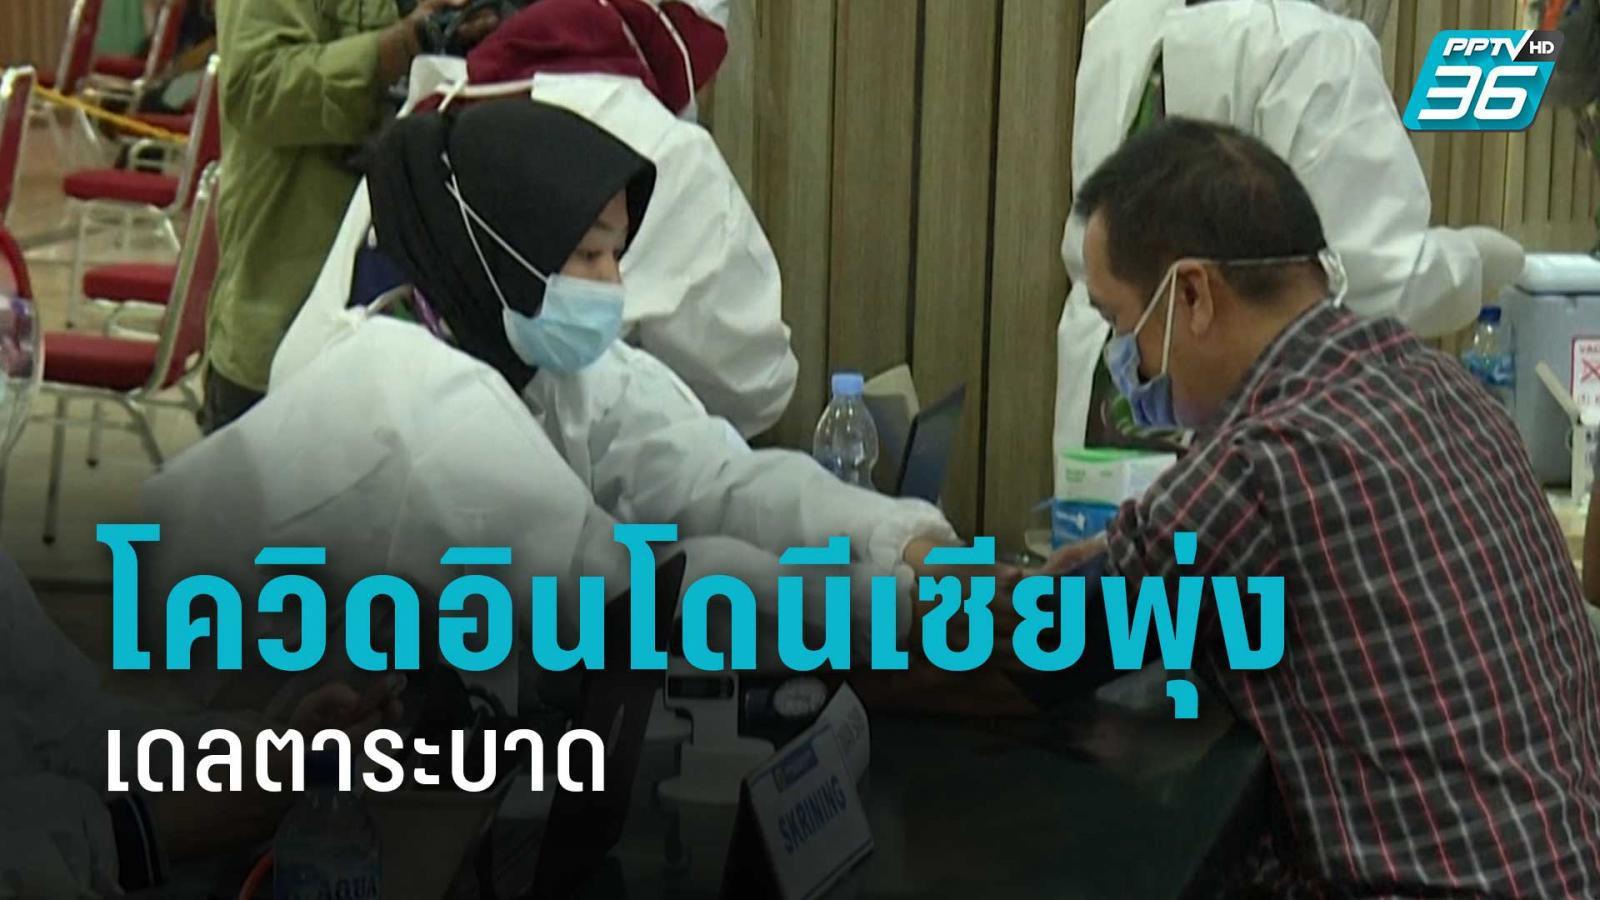 เดลตาระบาดหนัก พบผู้ป่วยโควิดอินโดนีเซียทุบสถิติ